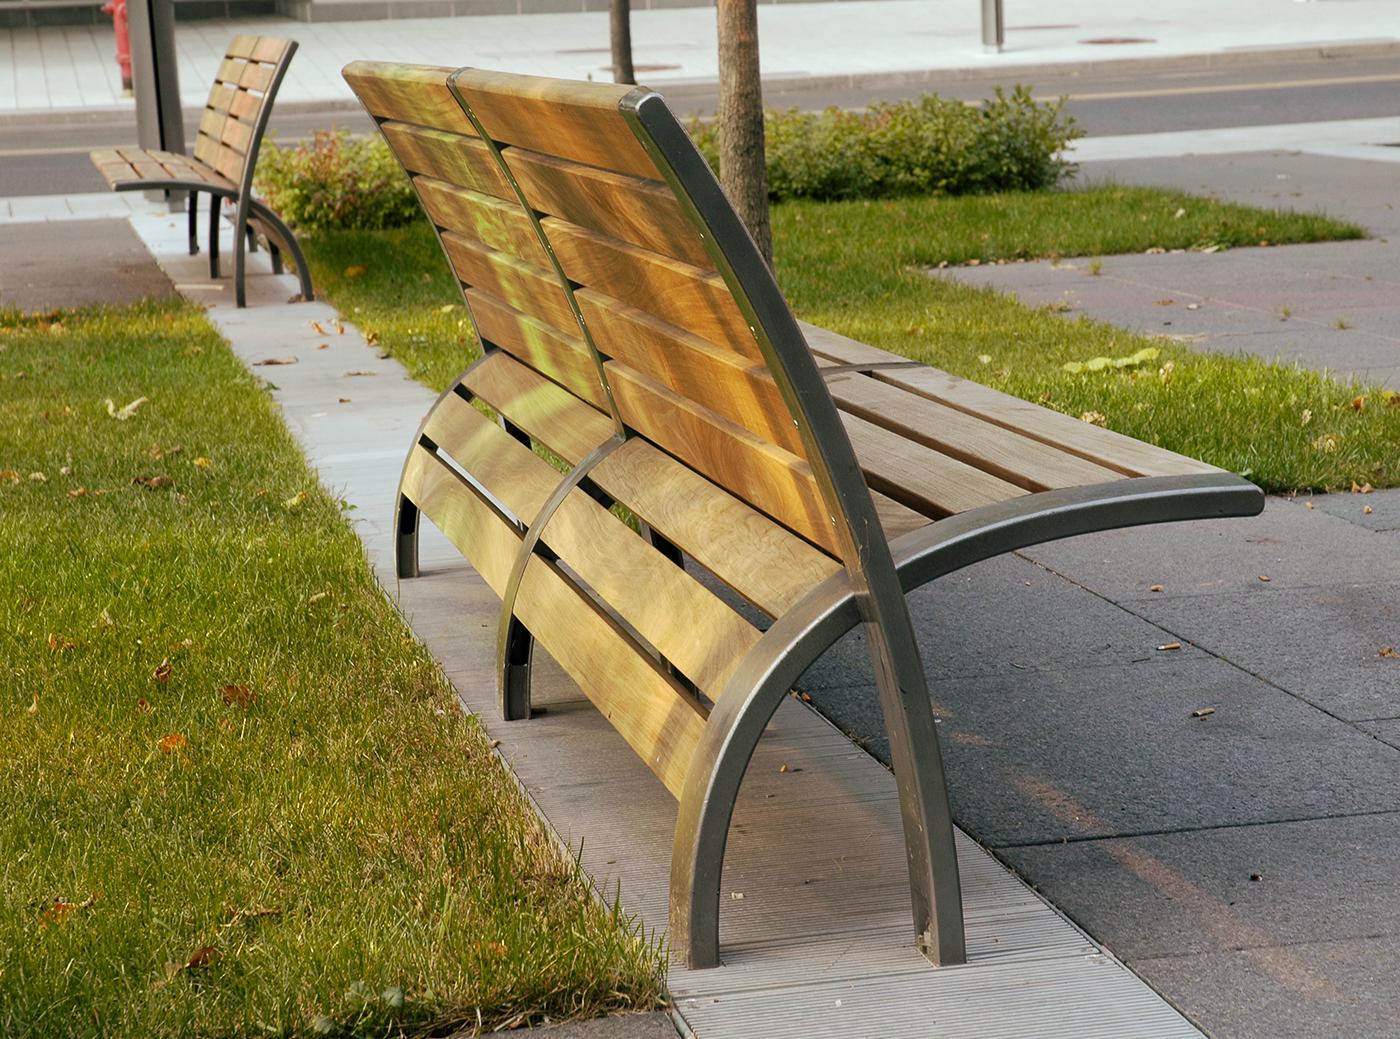 mobilier urbain du qim on behance. Black Bedroom Furniture Sets. Home Design Ideas